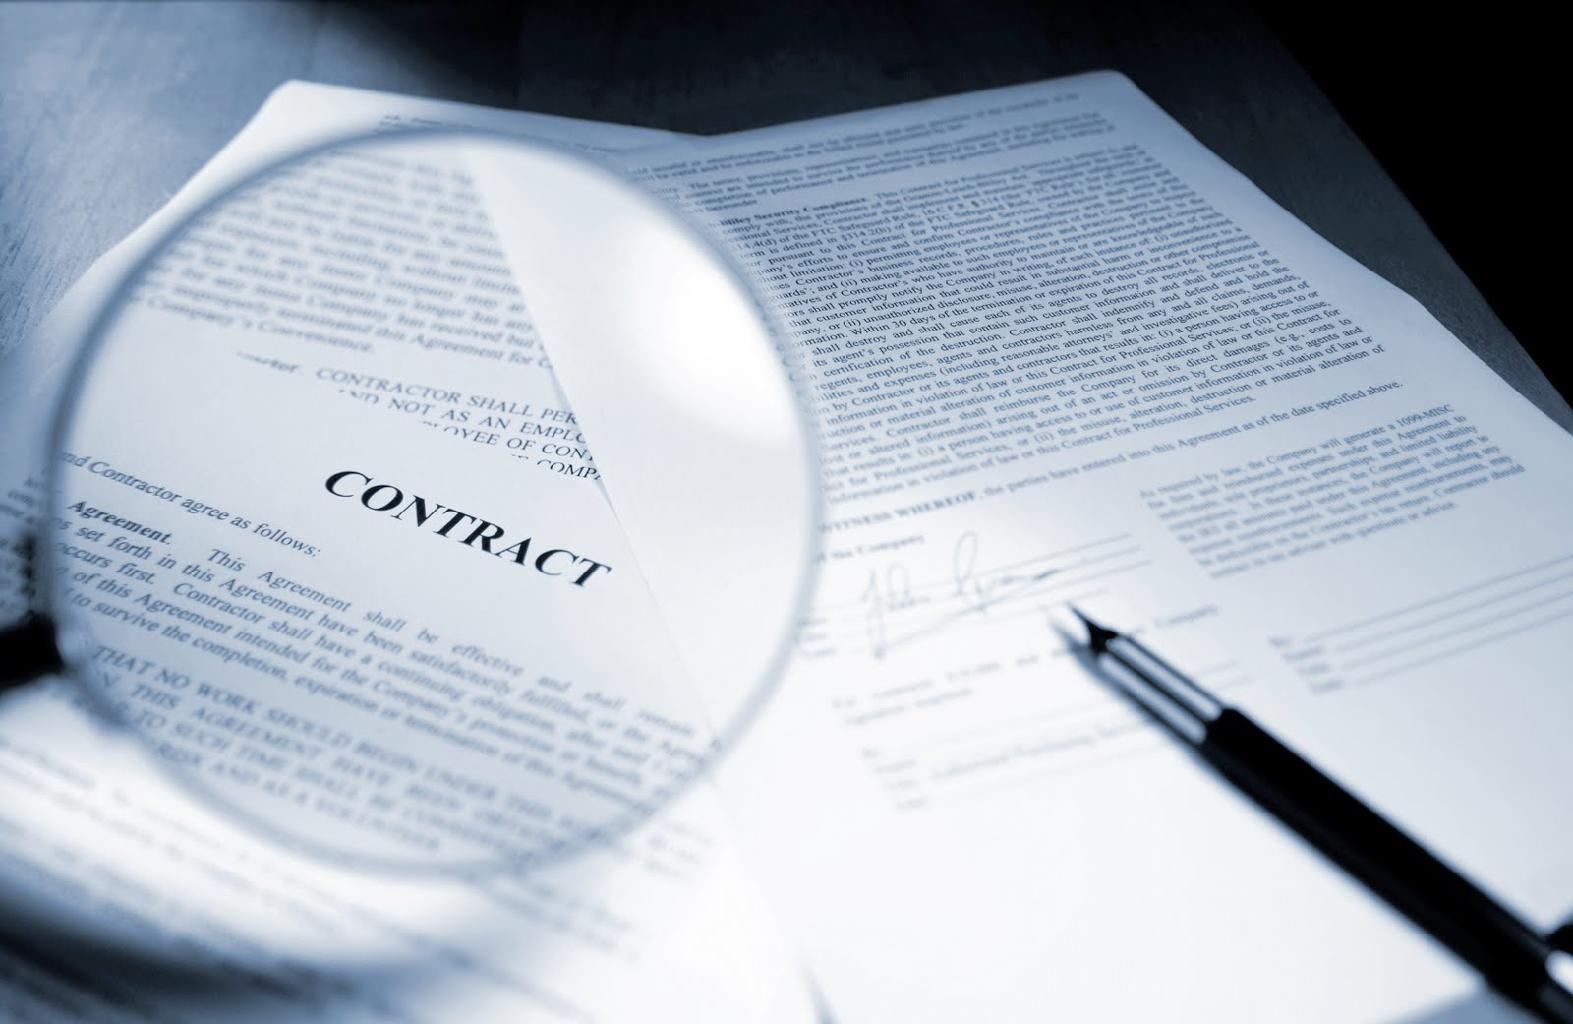 La gestione delle sopravvenienze e l'obbligo di rinegoziazione del contratto